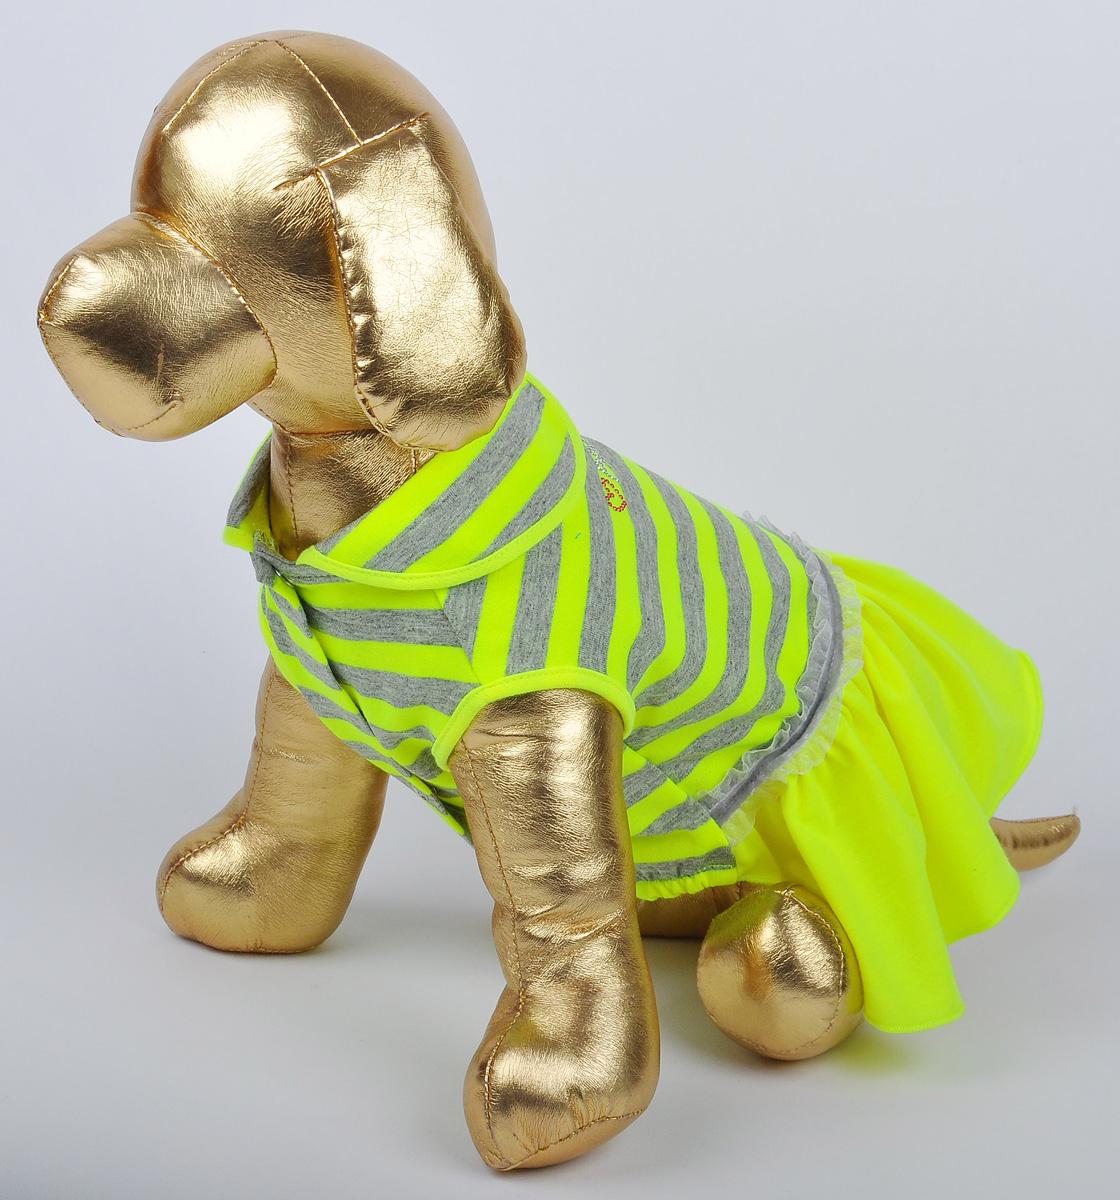 Платье для собак GLG Фэшн Ультра. Размер SMOS-006-YELLOW-SПлатье для собак GLG Фэшн Ультра выполнено из вискозы. Рукава не ограничивают свободу движений, и собачка будет чувствовать себя в нем комфортно. Изделие застегивается с помощью кнопок..Модное и невероятно удобное платье защитит вашего питомца от пыли и насекомых на улице, согреет дома или на даче. Длина спины: 23-25 см Обхват груди: 31-33 см.